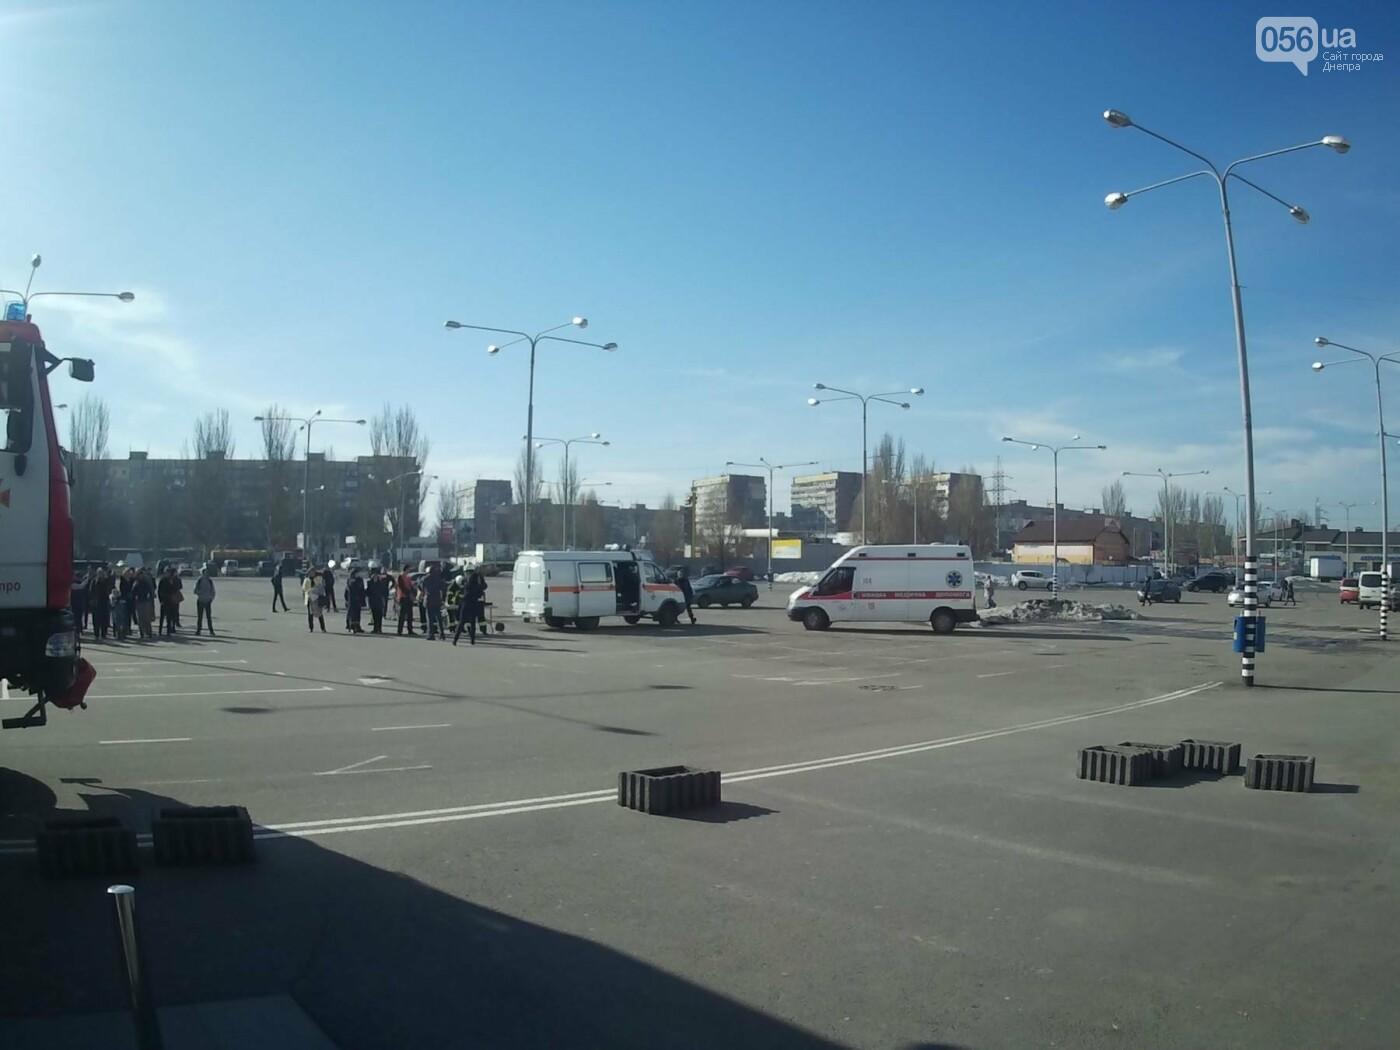 В Днепре спасатели эвакуировали персонал и посетителей из «Каравана» (ФОТО, ВИДЕО), фото-5